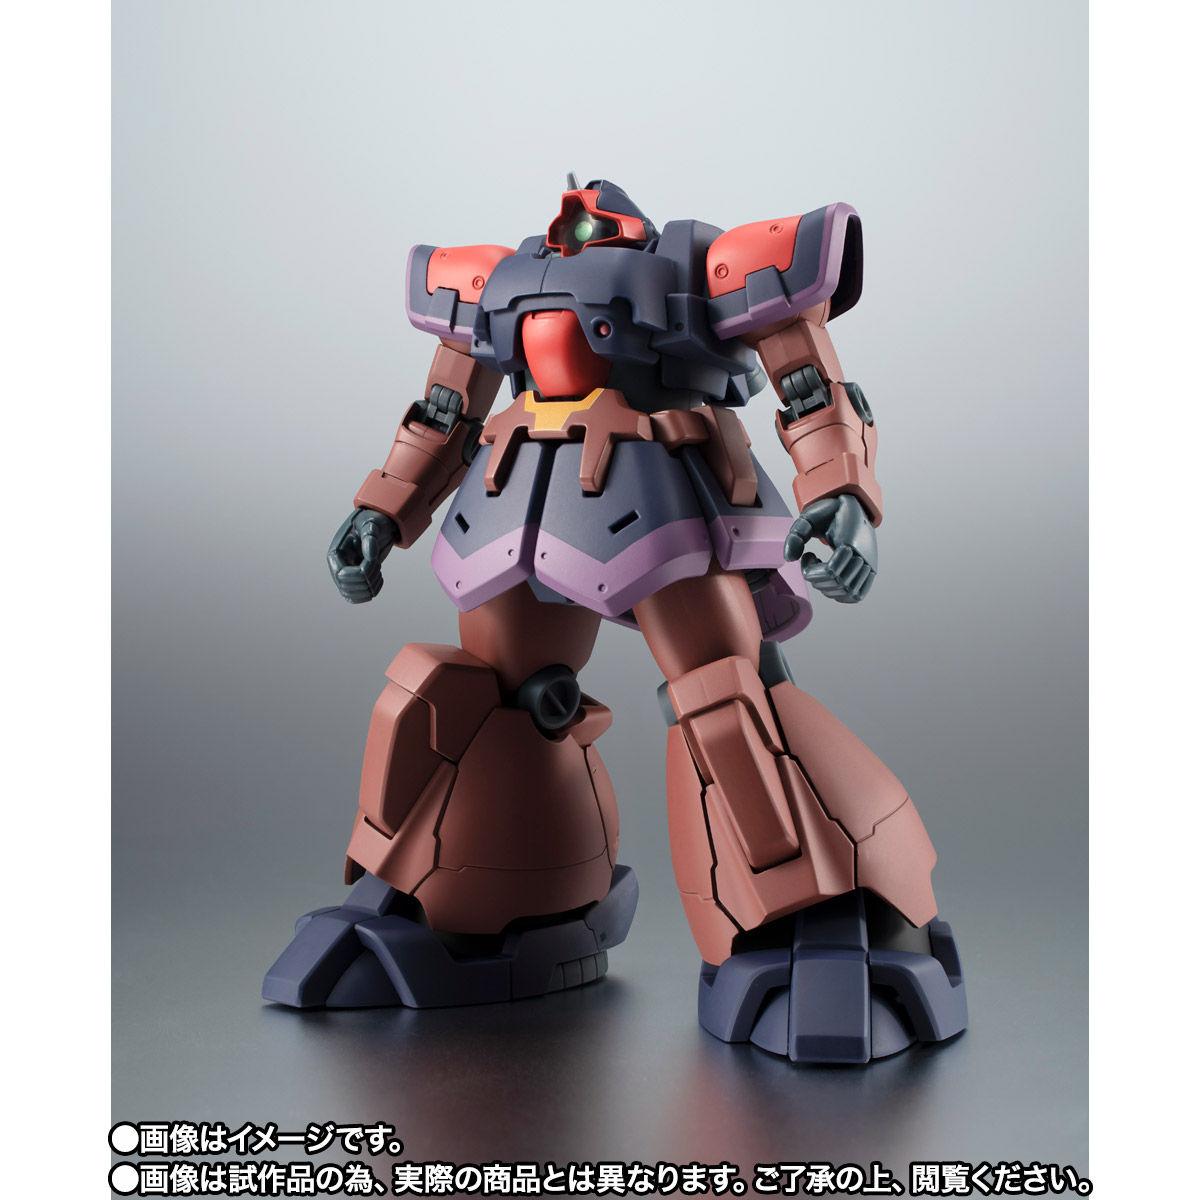 【限定販売】ROBOT魂〈SIDE MS〉『YMS-09R-2 プロトタイプ・リック・ドムII ver. A.N.I.M.E.』ガンダム0083 可動フィギュア-005